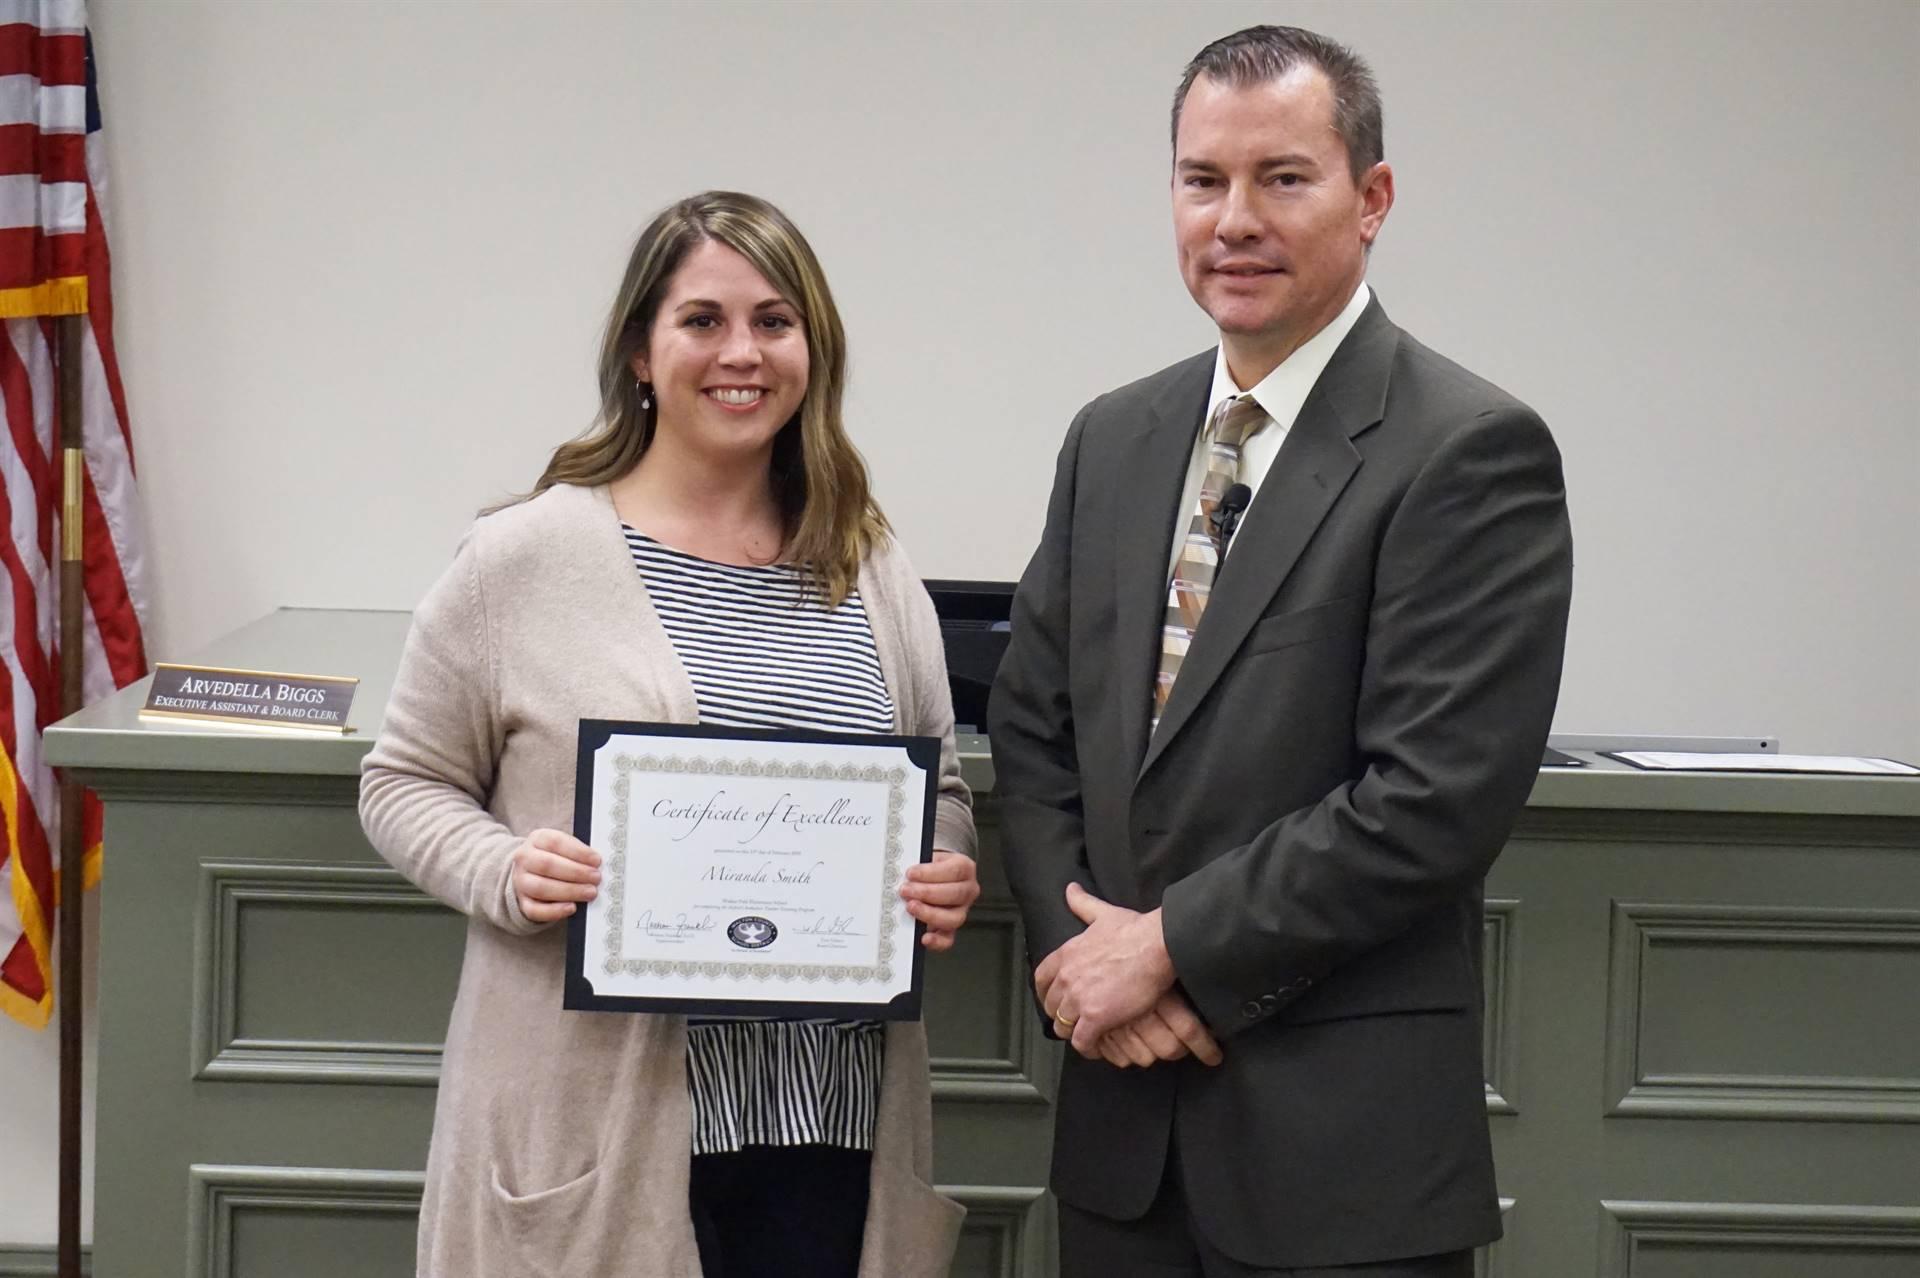 Teacher Induction Program Recognition